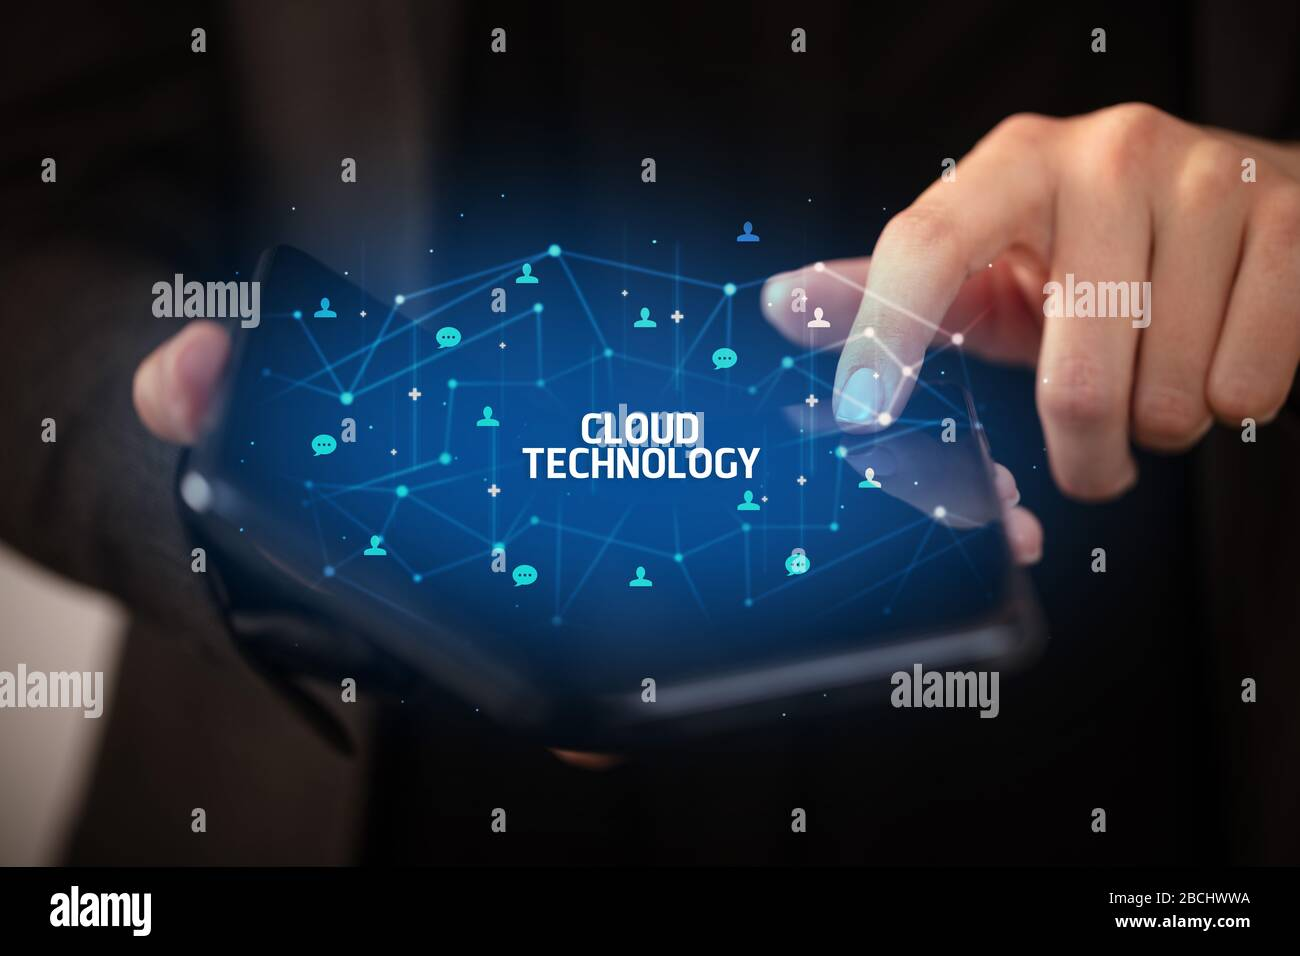 Businessman holding un smartphone avec technologie cloud inscription, nouvelle technologie concept Banque D'Images